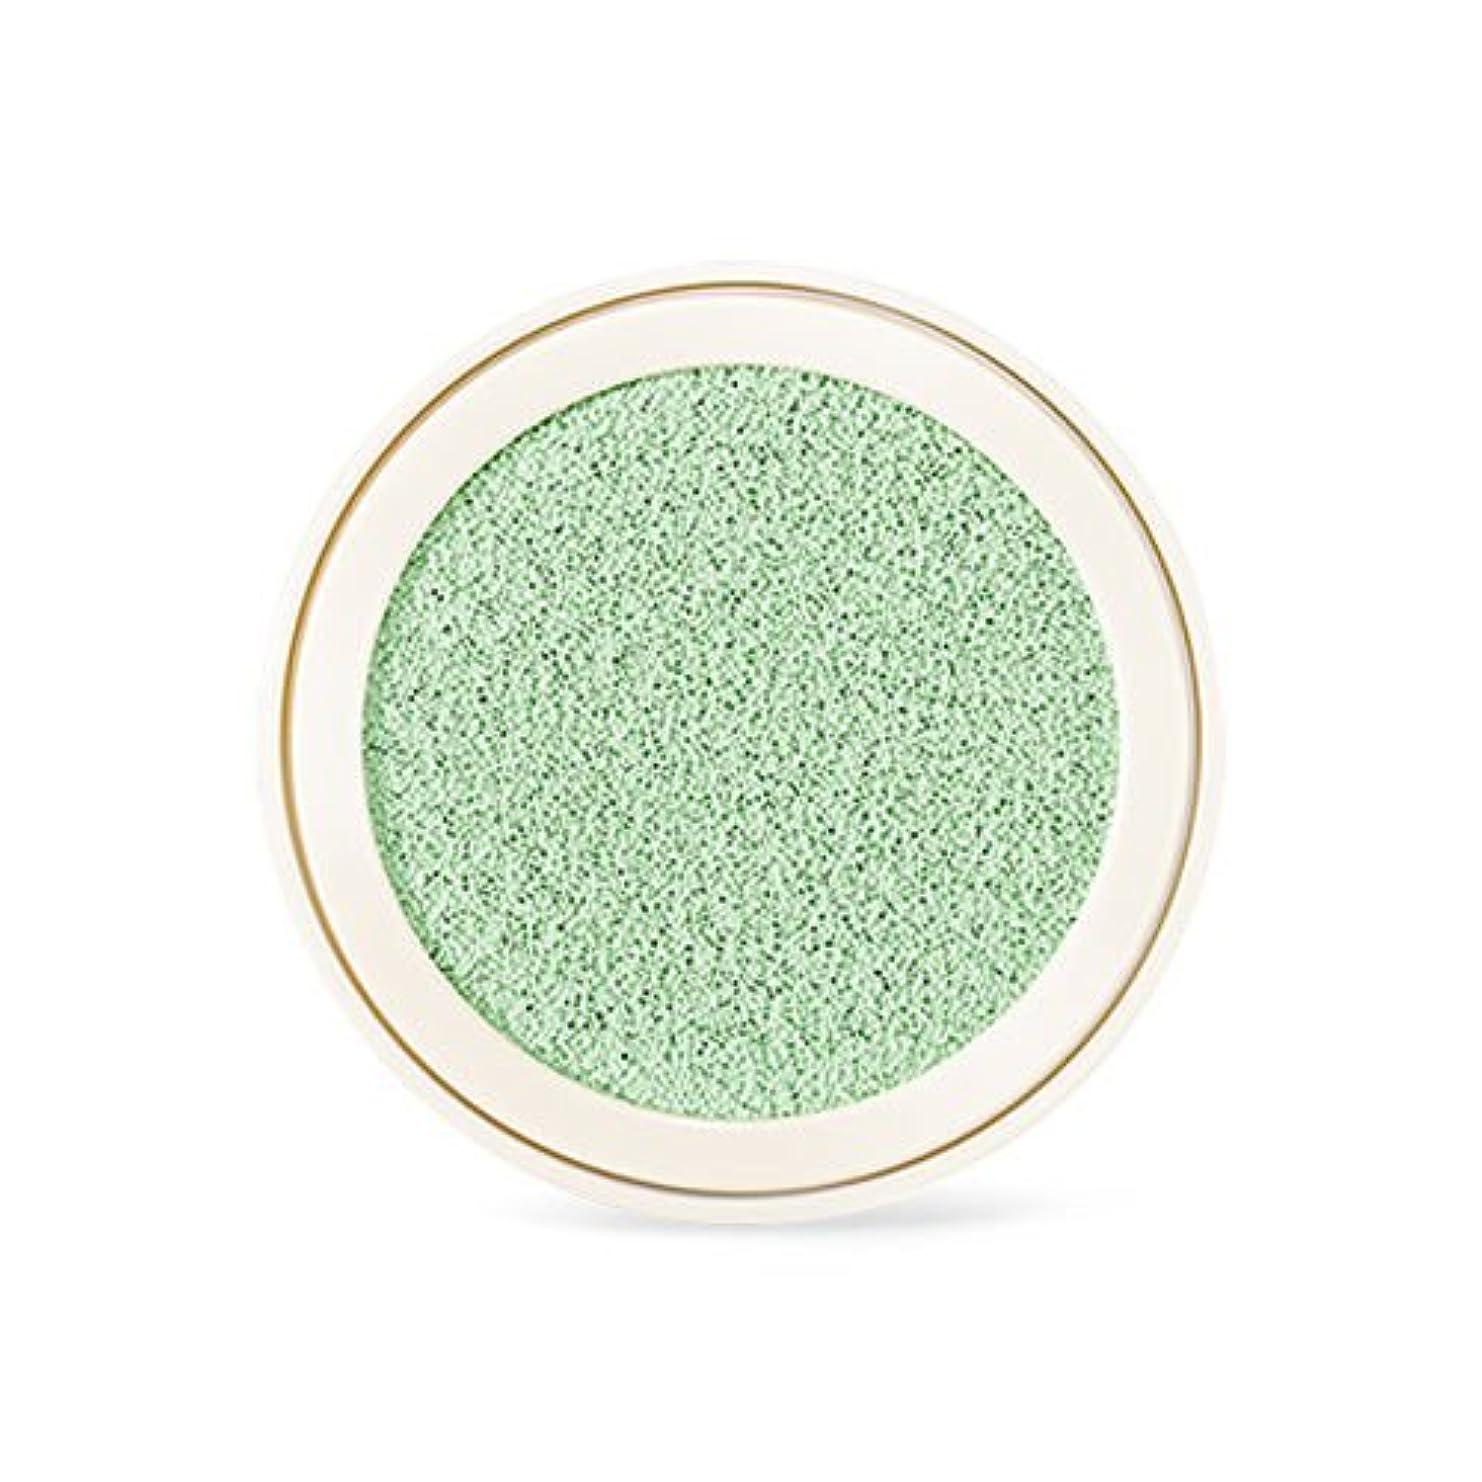 トランクライブラリ建物シャツinnisfree [My Cushion] No-sebum Correcting Cushion (Refill) 14g/イニスフリー [マイクッション] ノーシーバム コレクティング クッション (リフィル) 14g (#3 Vanilla Green) [並行輸入品]